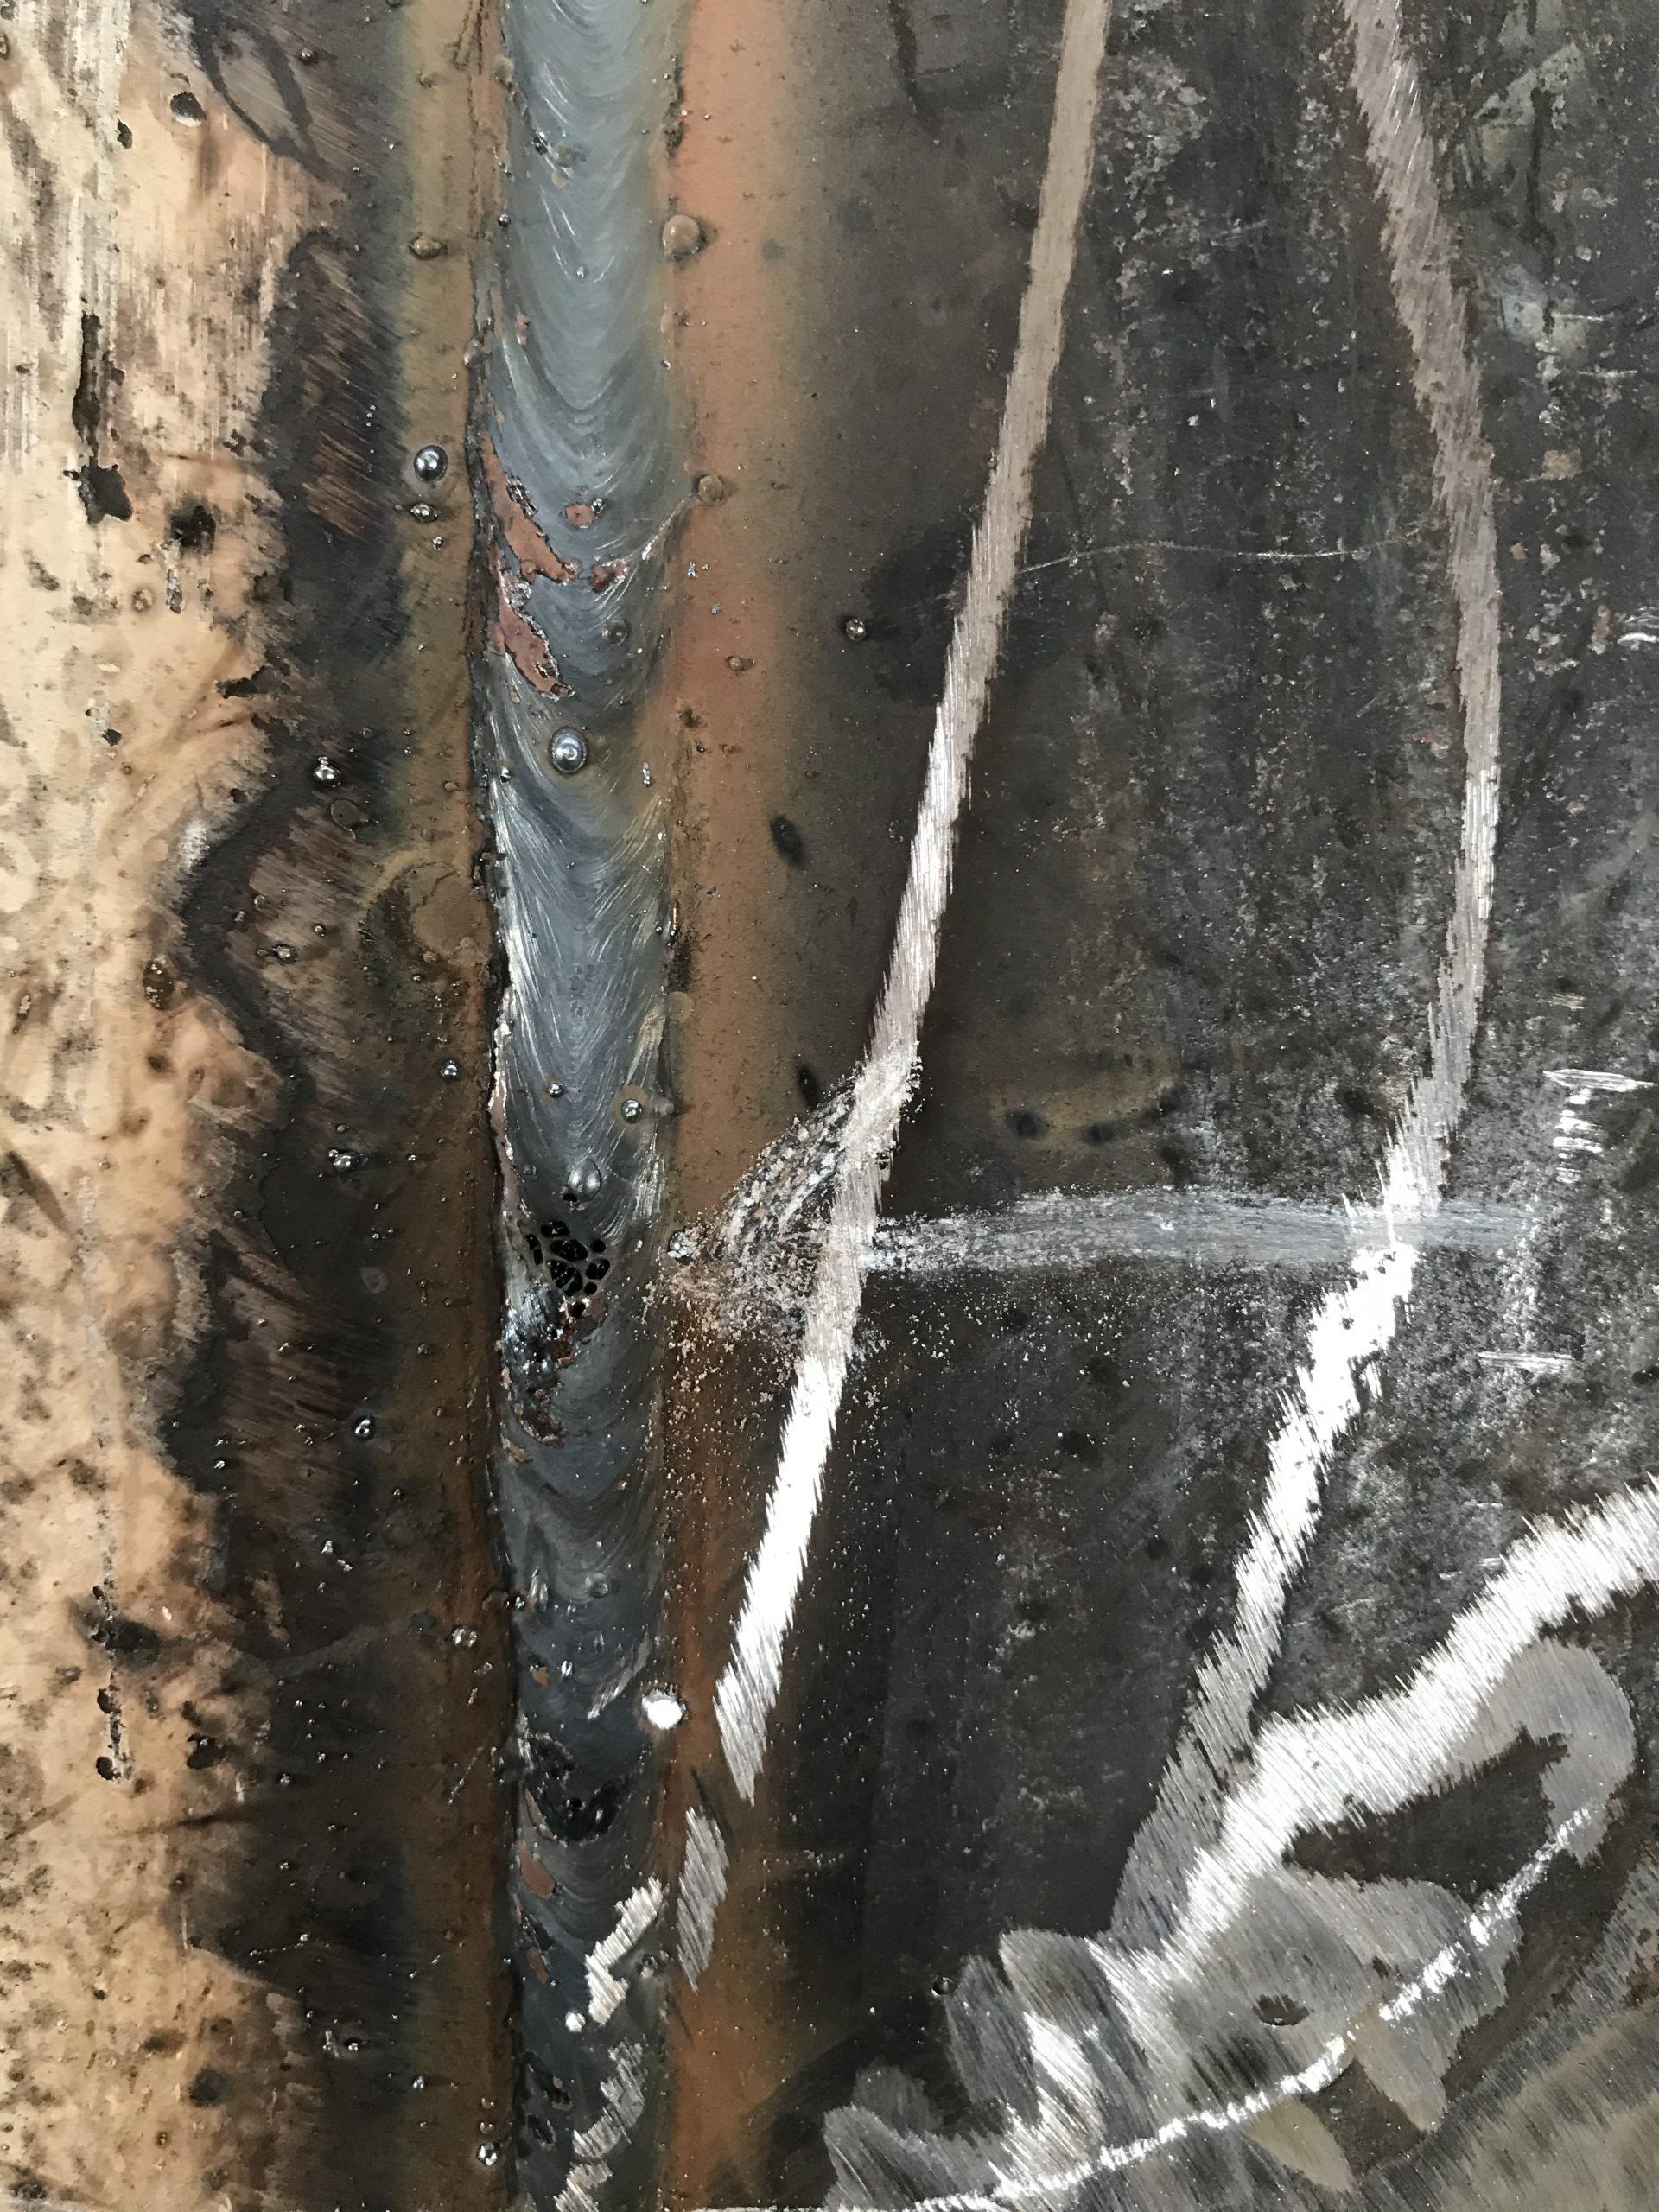 نمونه جوش کرمالو روی تانکر یا مخزن تحت فشار